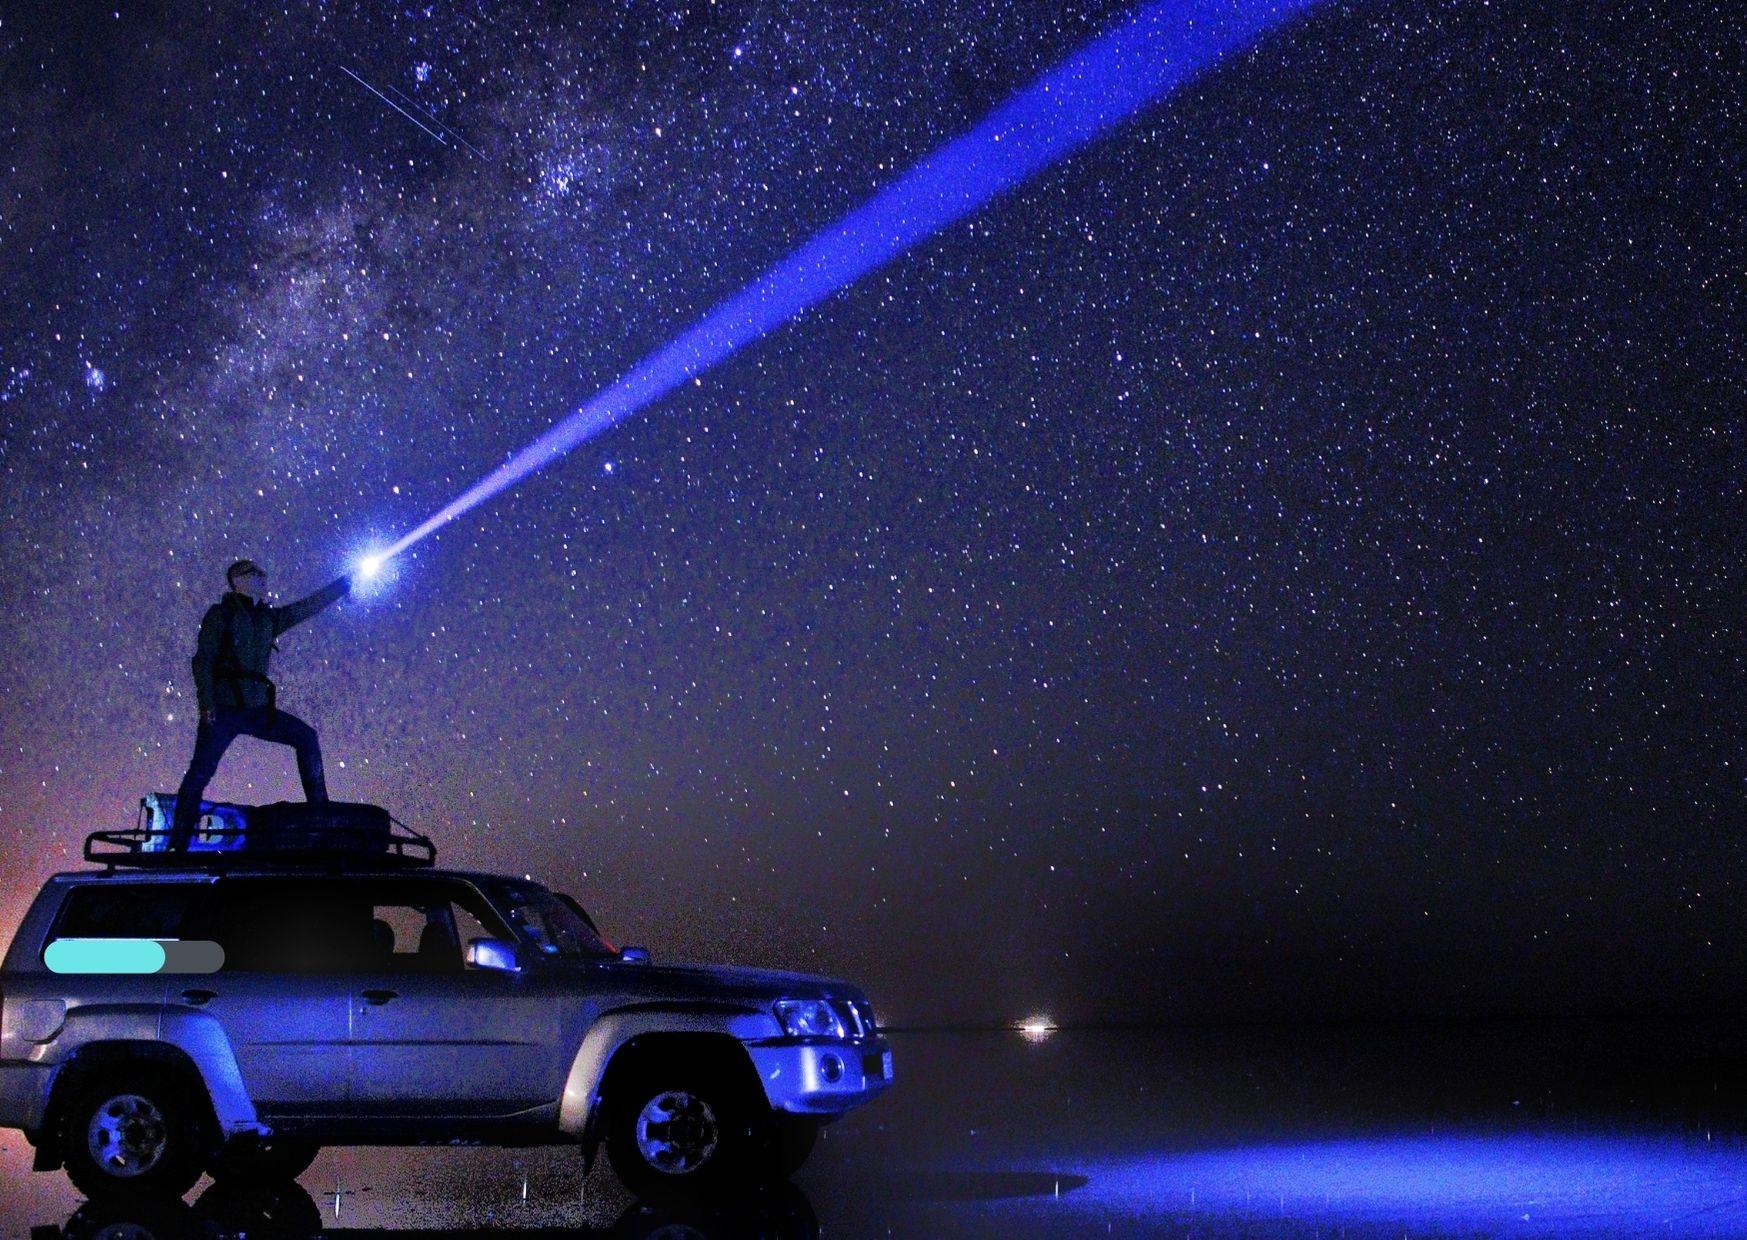 estrellas-land-cruiser